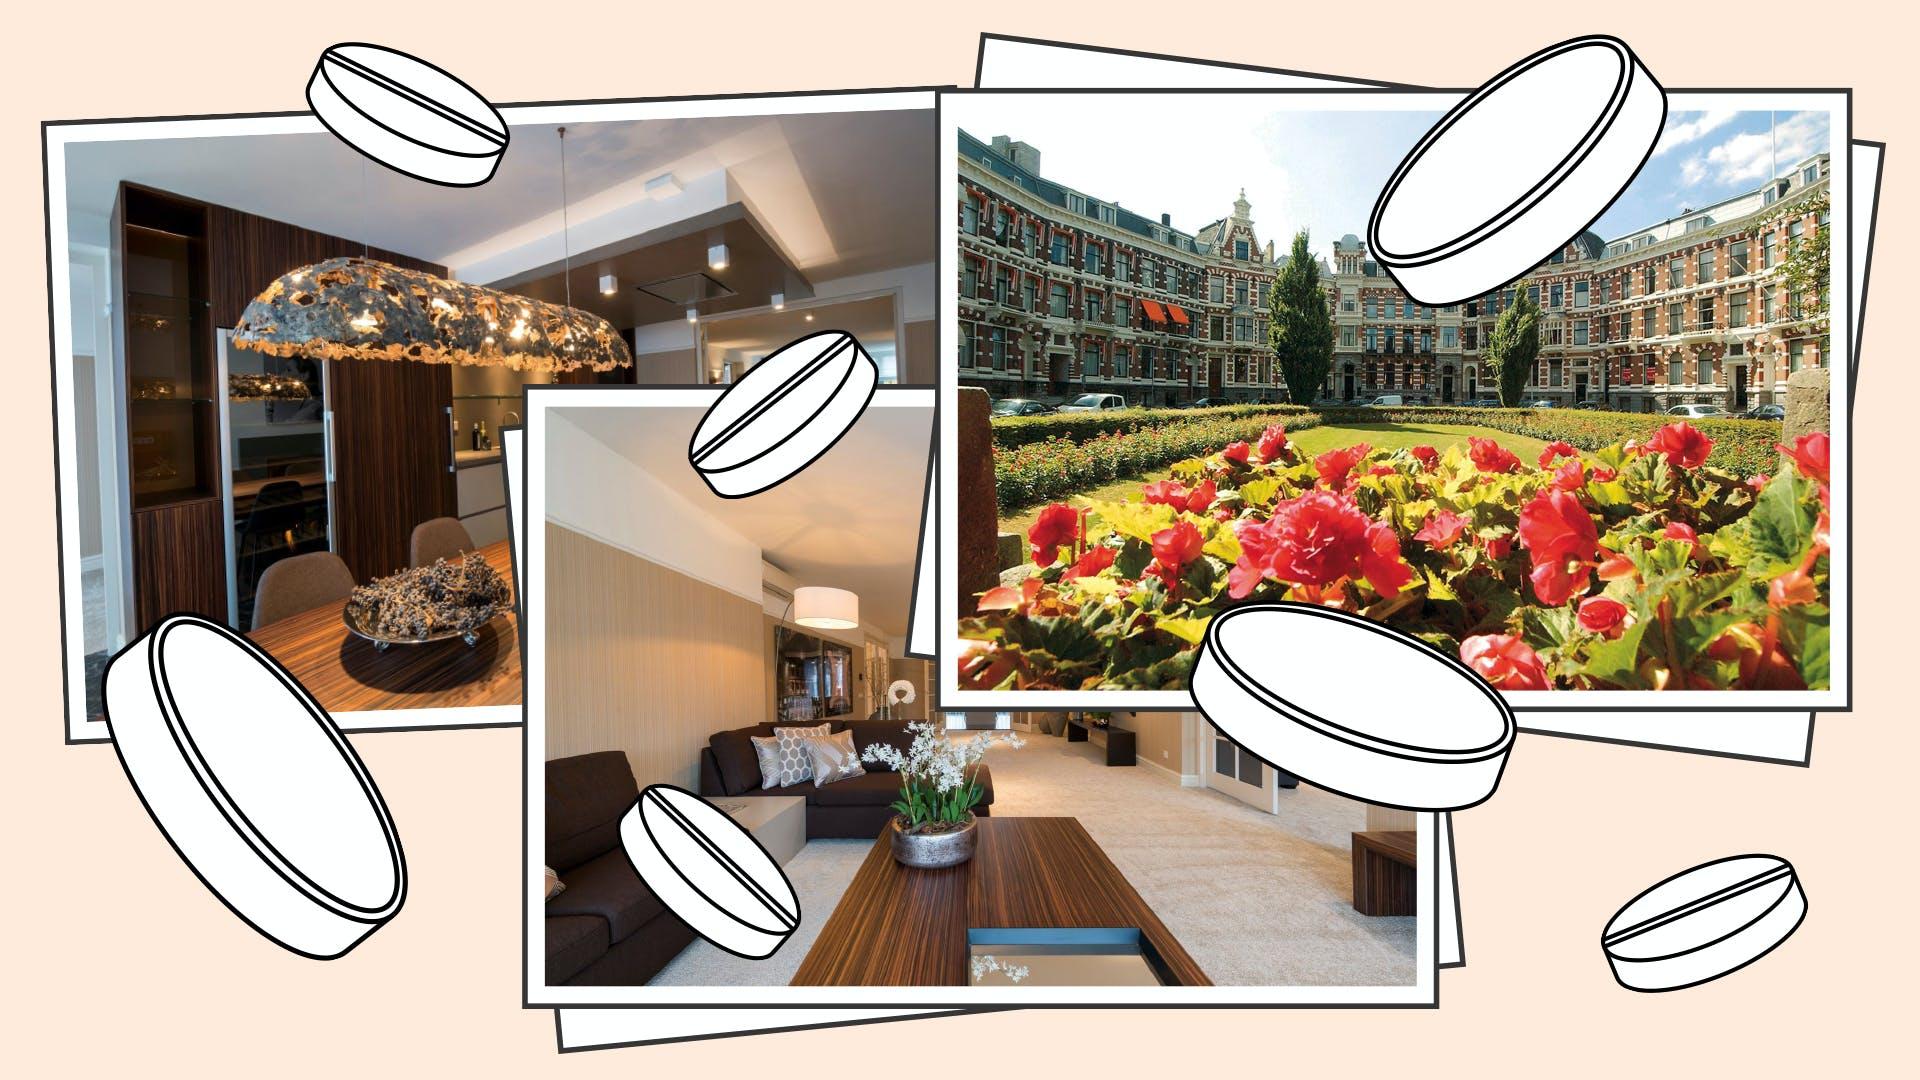 De huur van het luxeappartement aan het Koningin Emmaplein in Rotterdam werd betaald door ZSV.